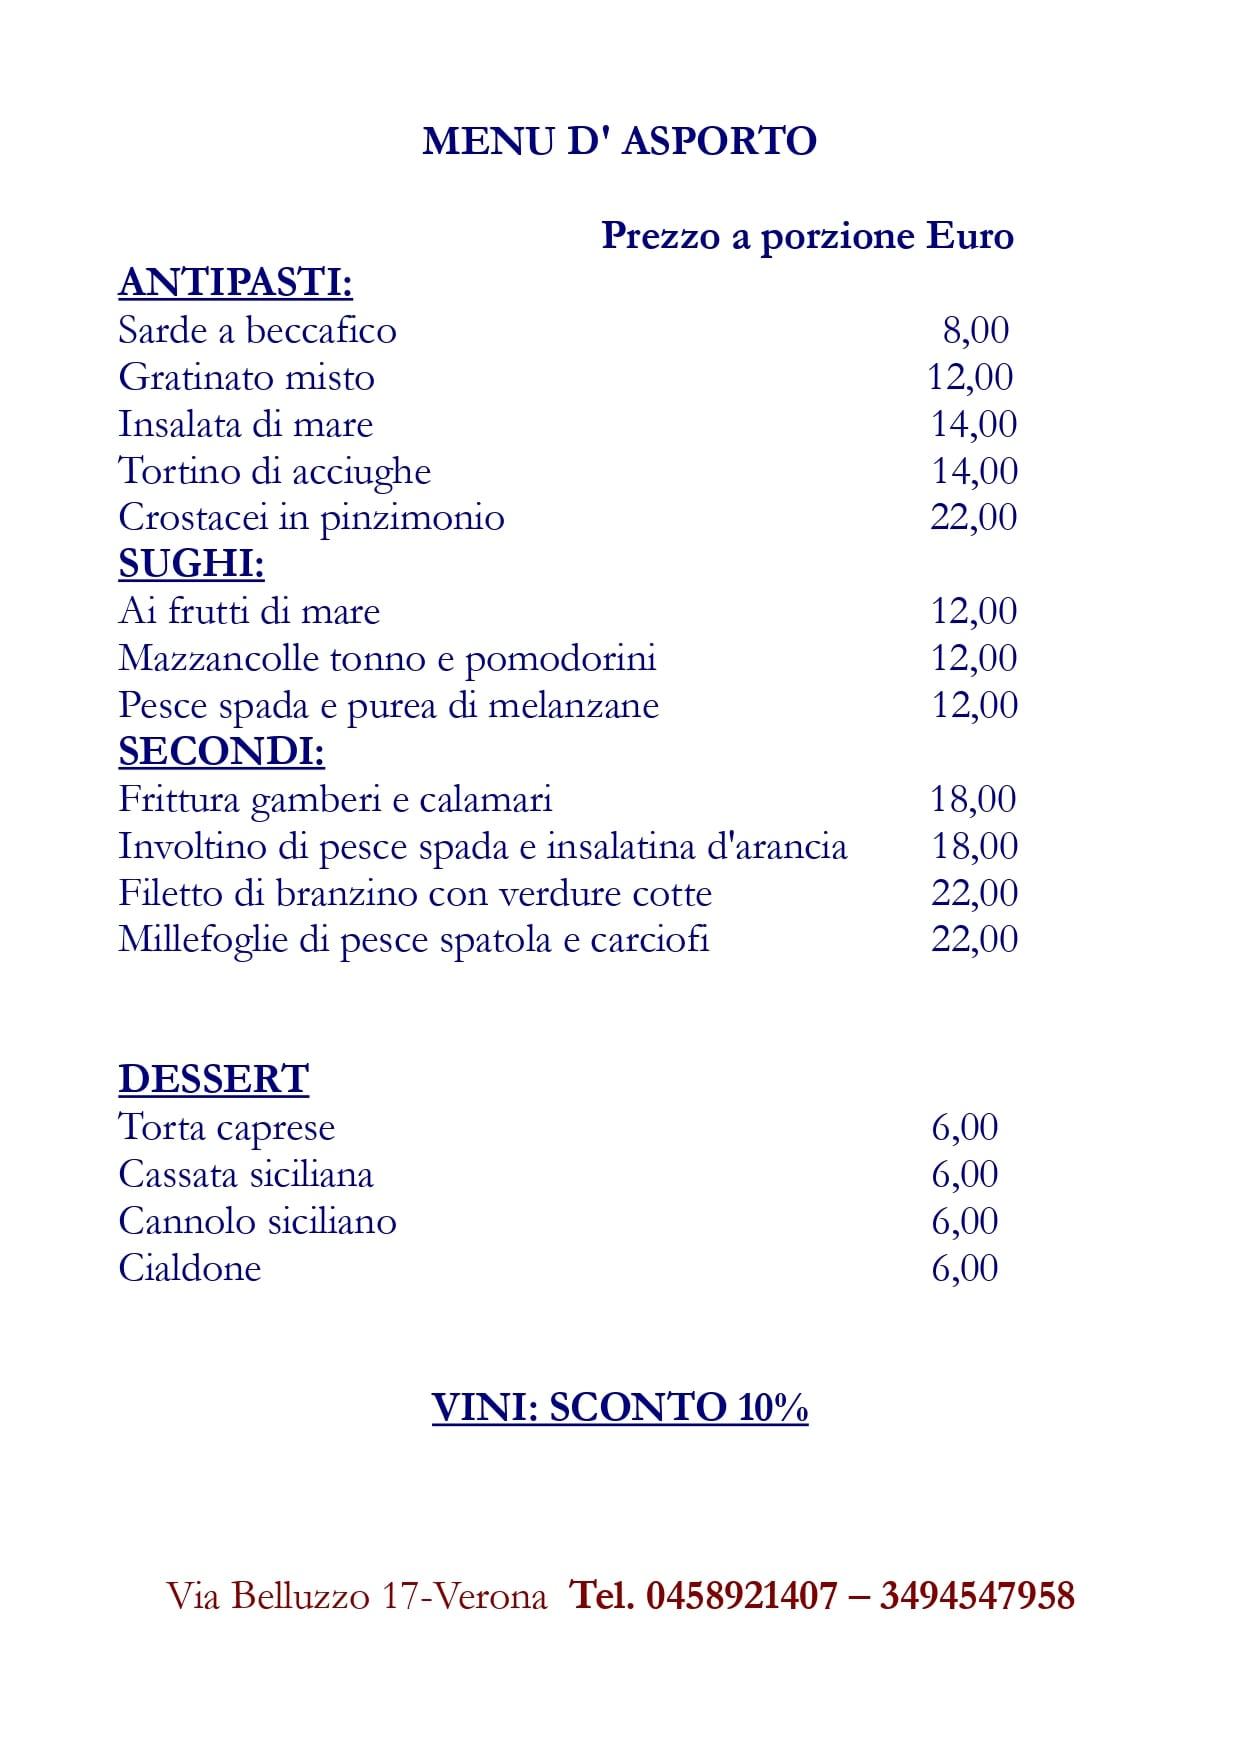 menu-asporto